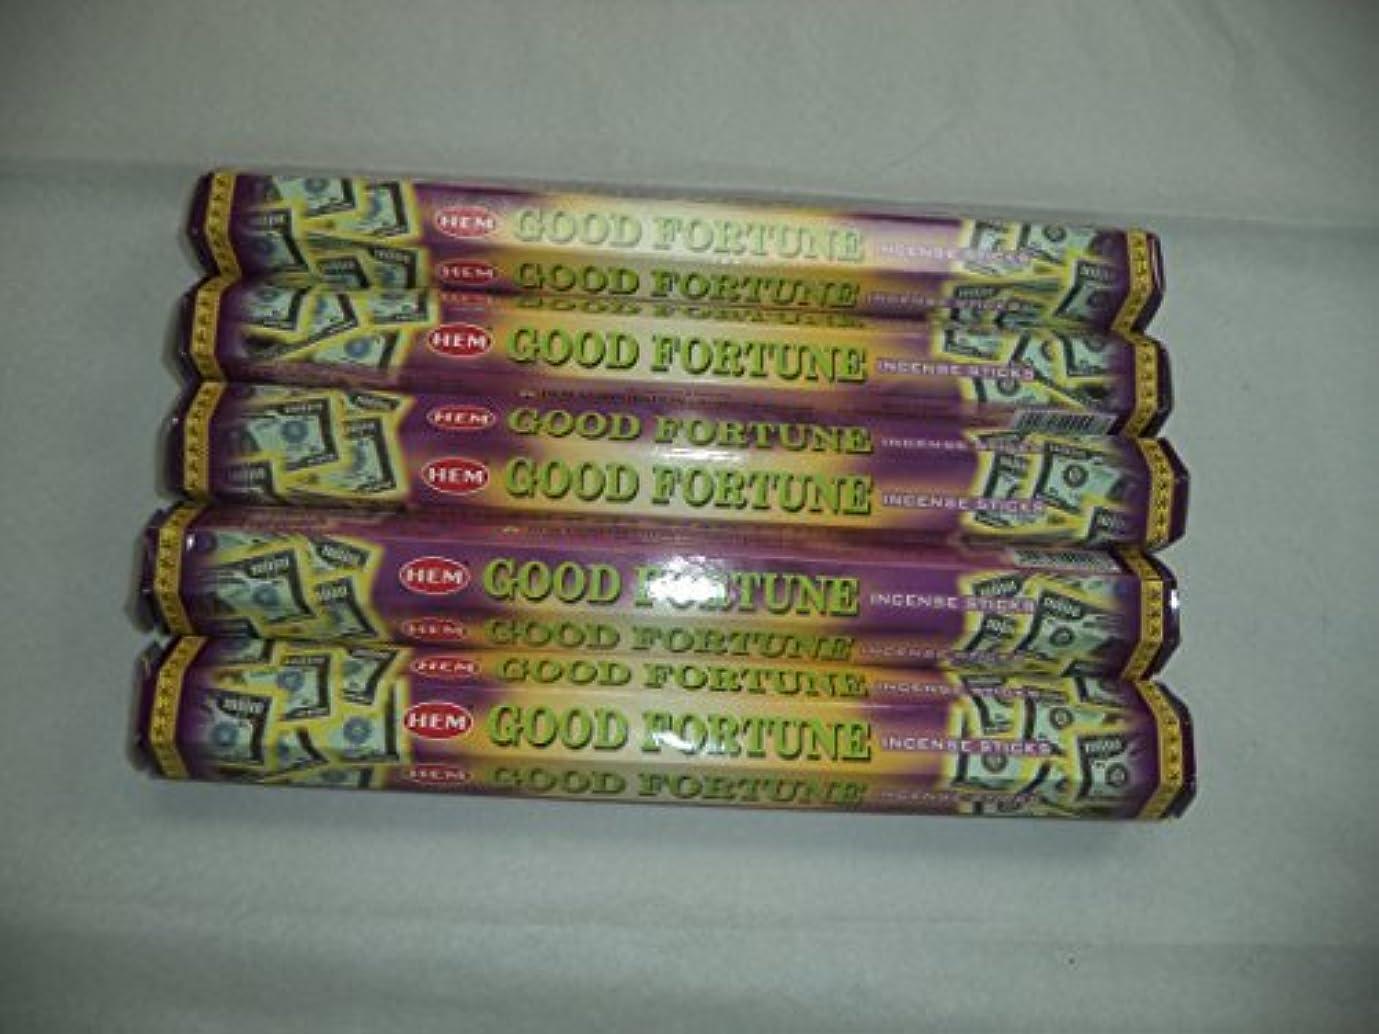 混乱した殺します特派員Hem Good Fortune 100 Incense Sticks (5 x 20スティックパック) by裾